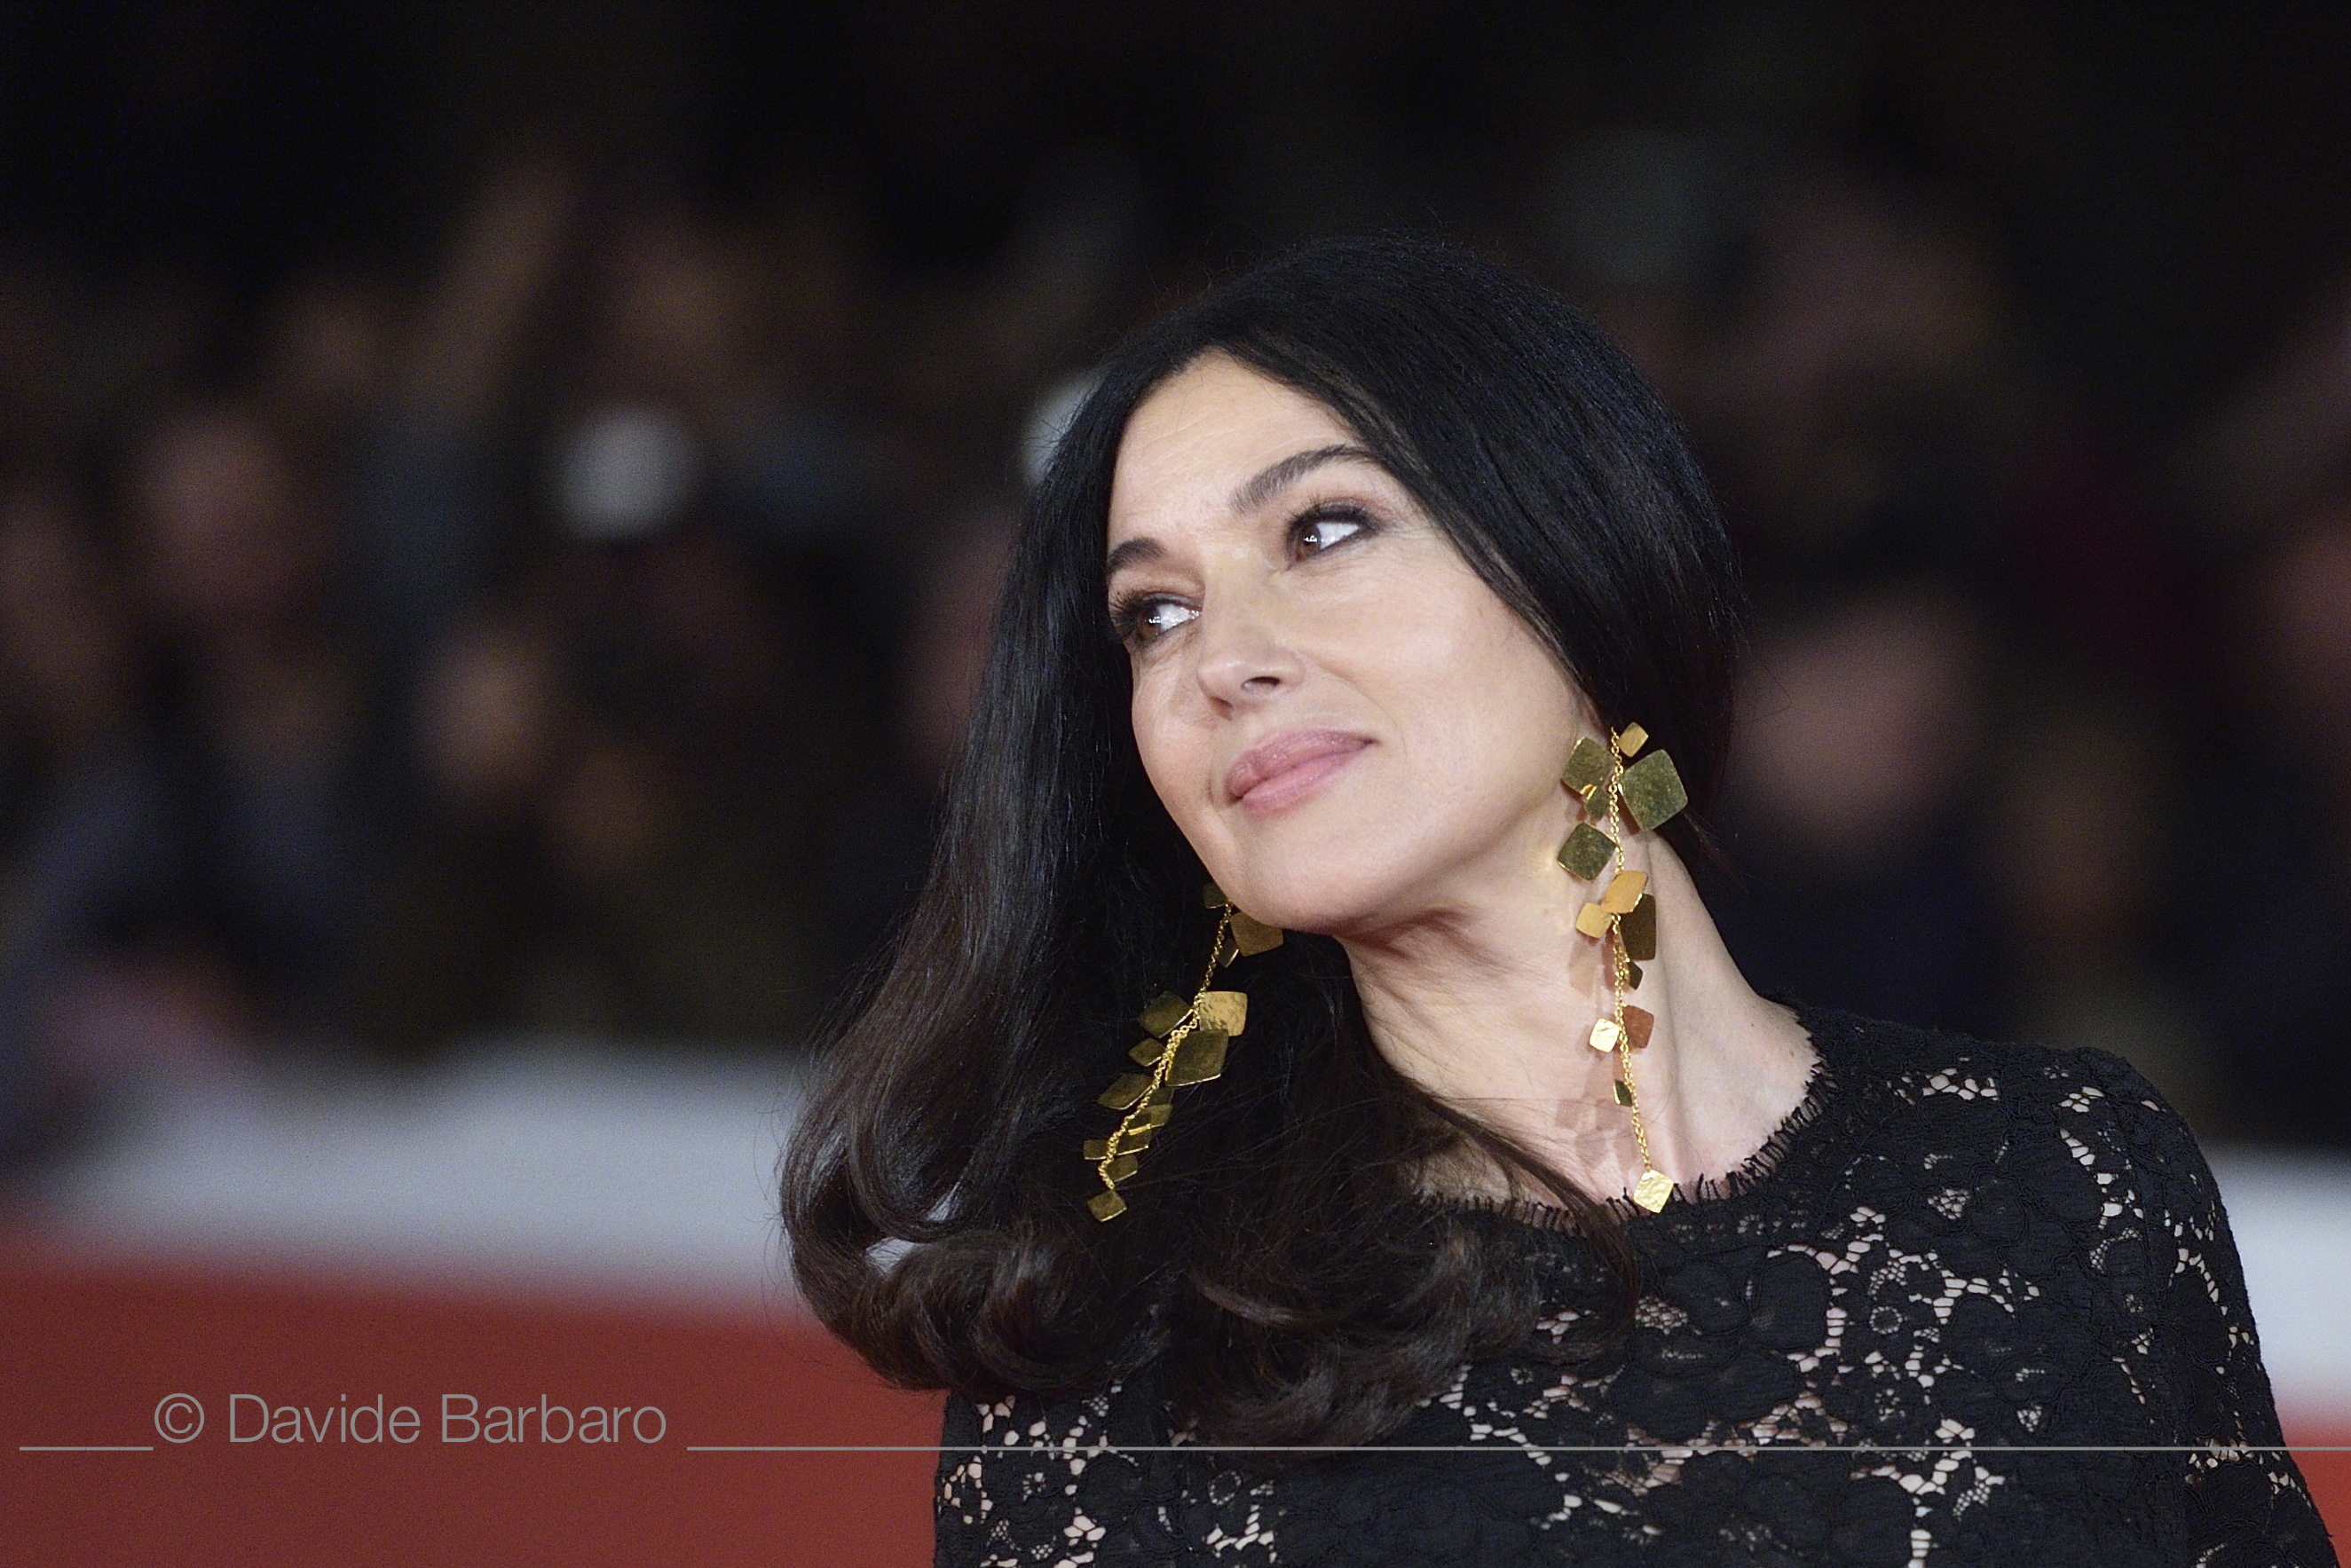 Monica Bellucci en el festival de cine - 2649x1767